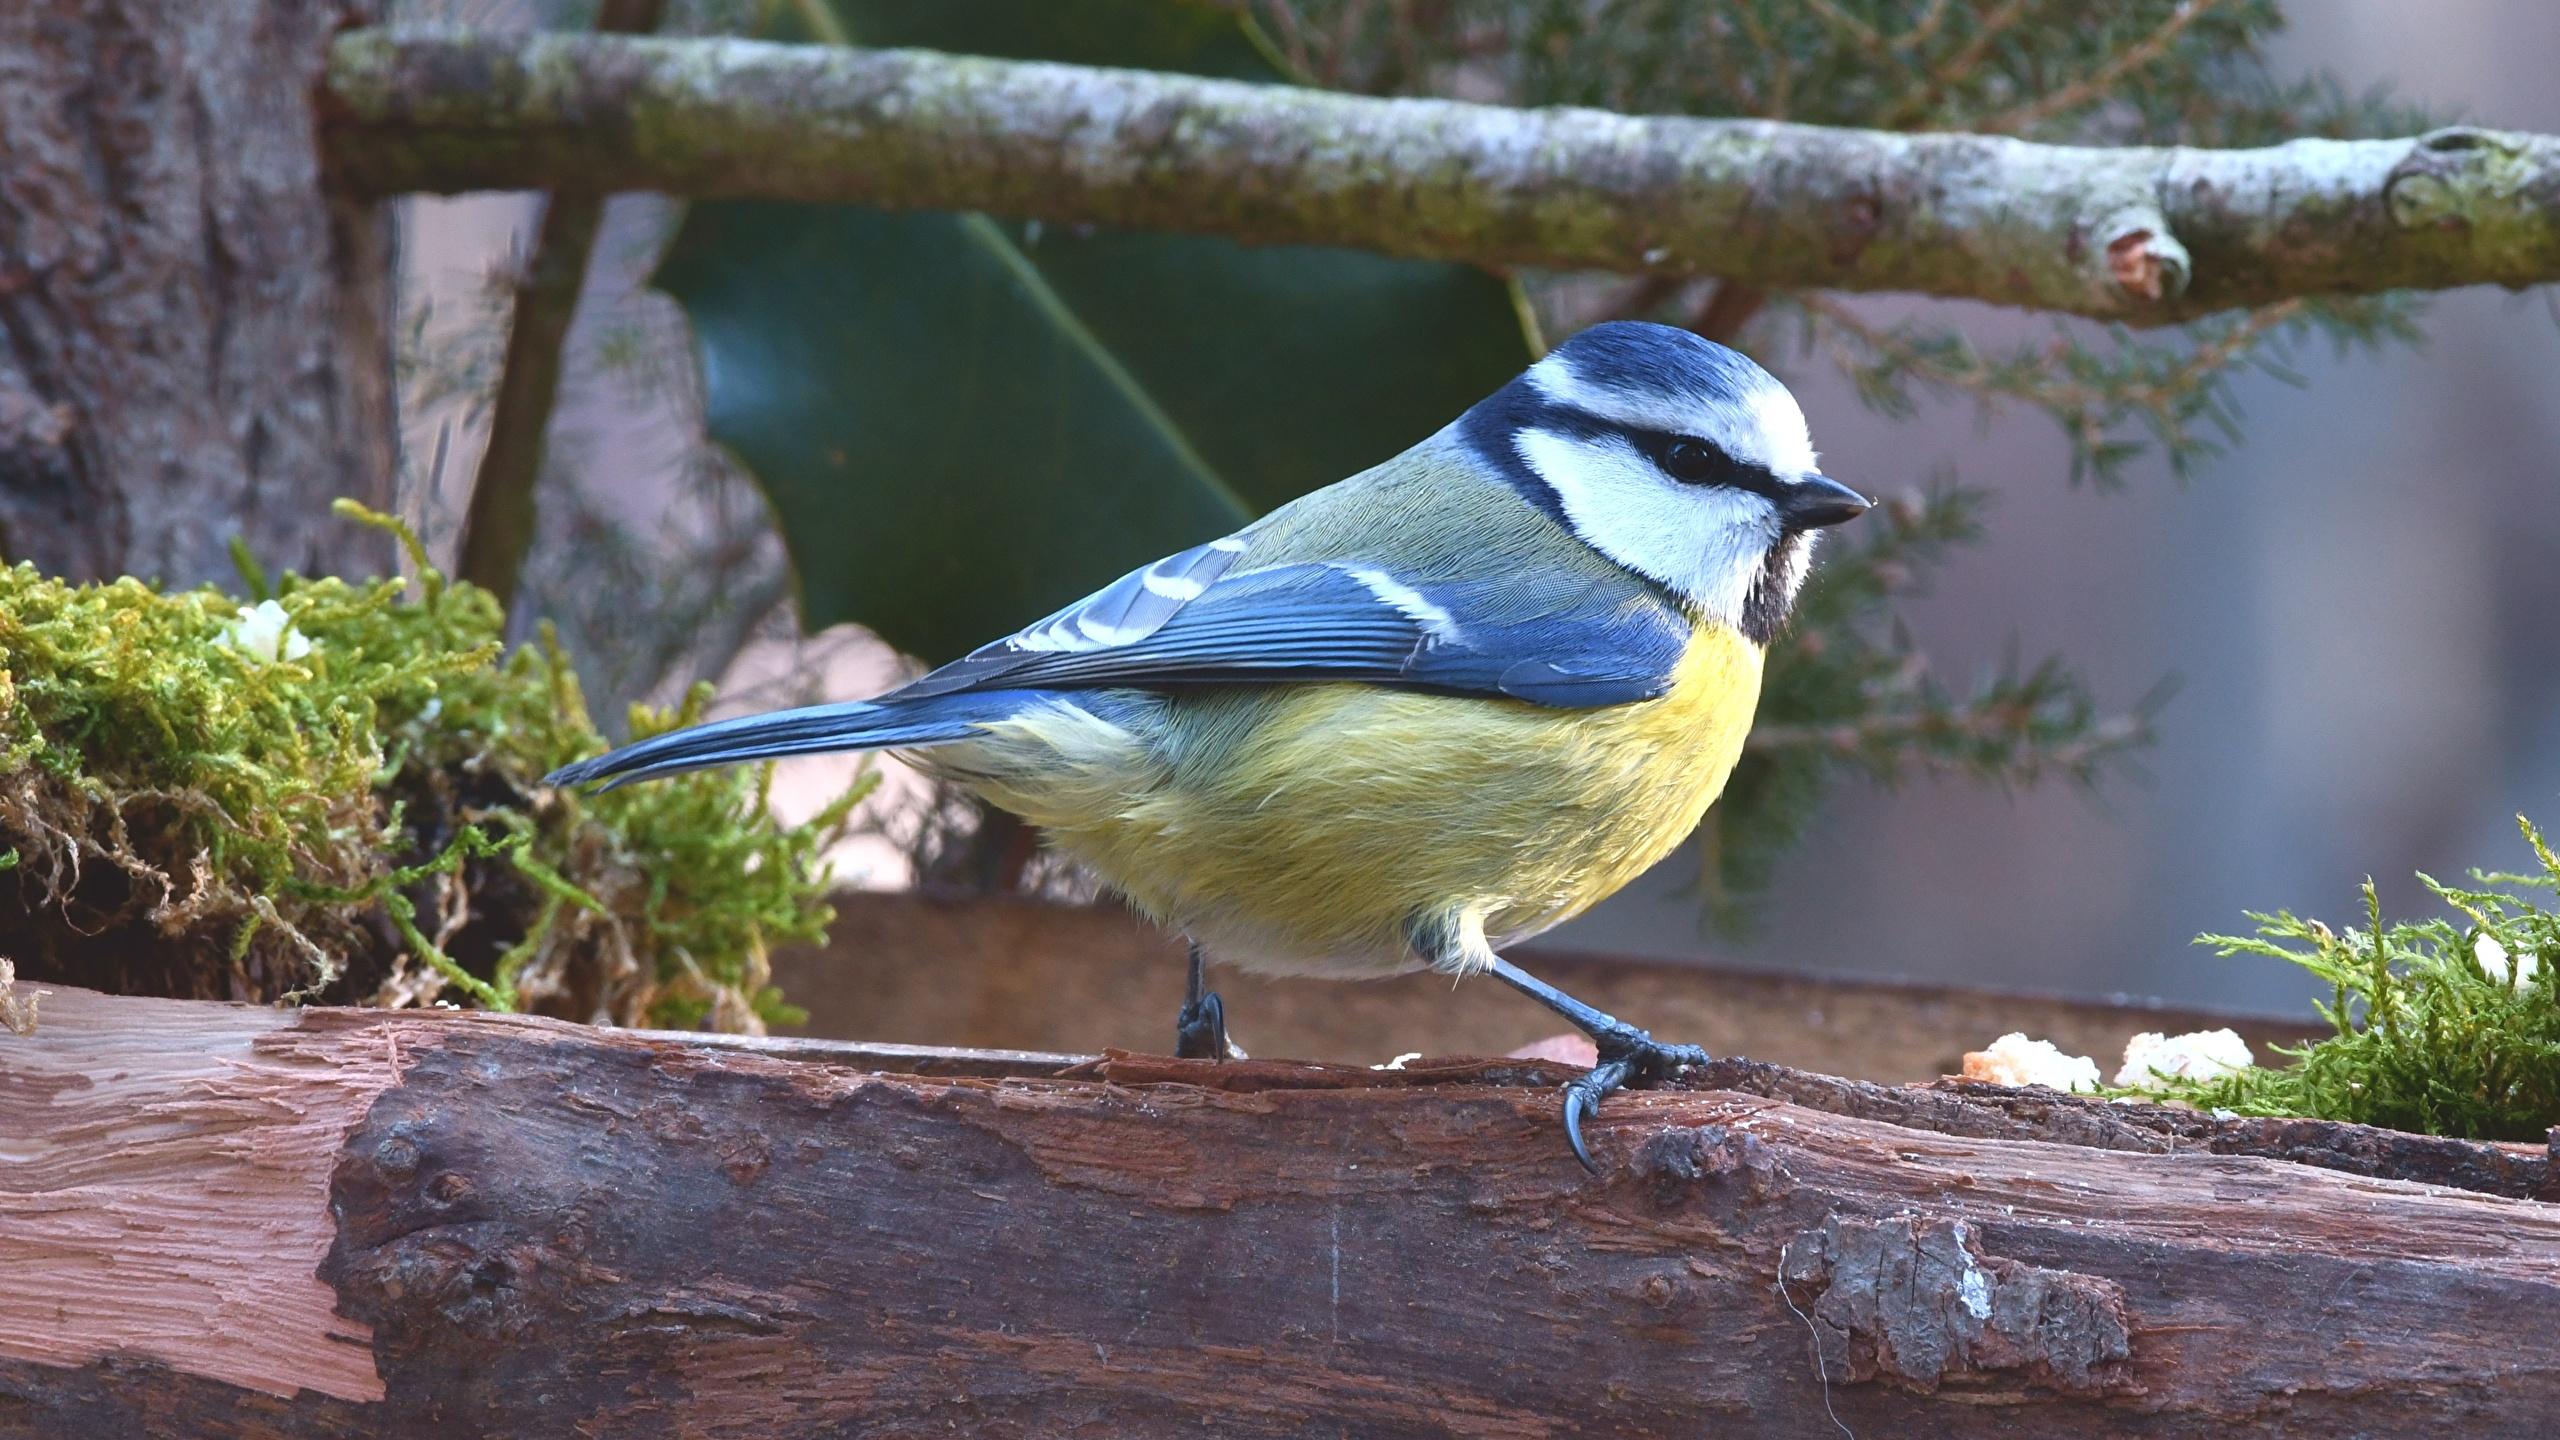 Bilder Tiere Vögel parus Ast 2560x1440 Meise meisen